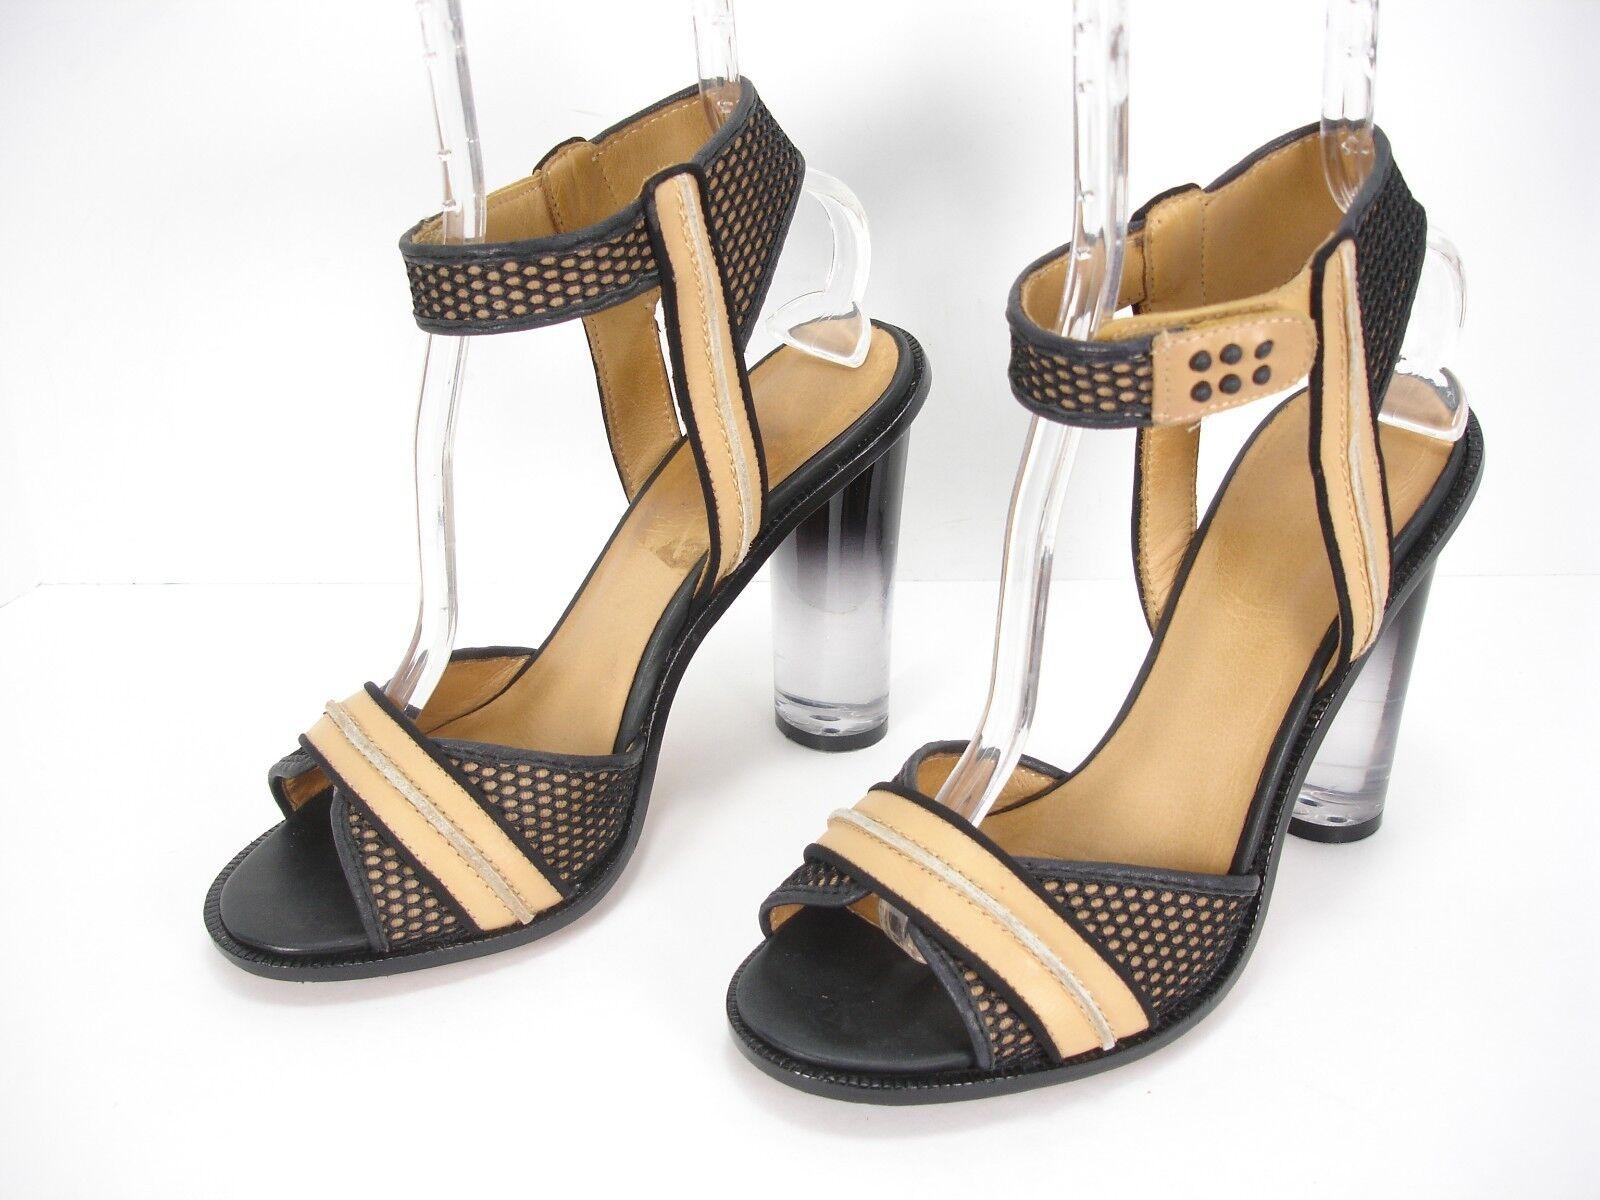 autorizzazione L.A.M.B. GWEN STEFANI nero TAN OPEN TOE TOE TOE ANKLE STRAP SANDALS scarpe donna 9 M  economico in alta qualità